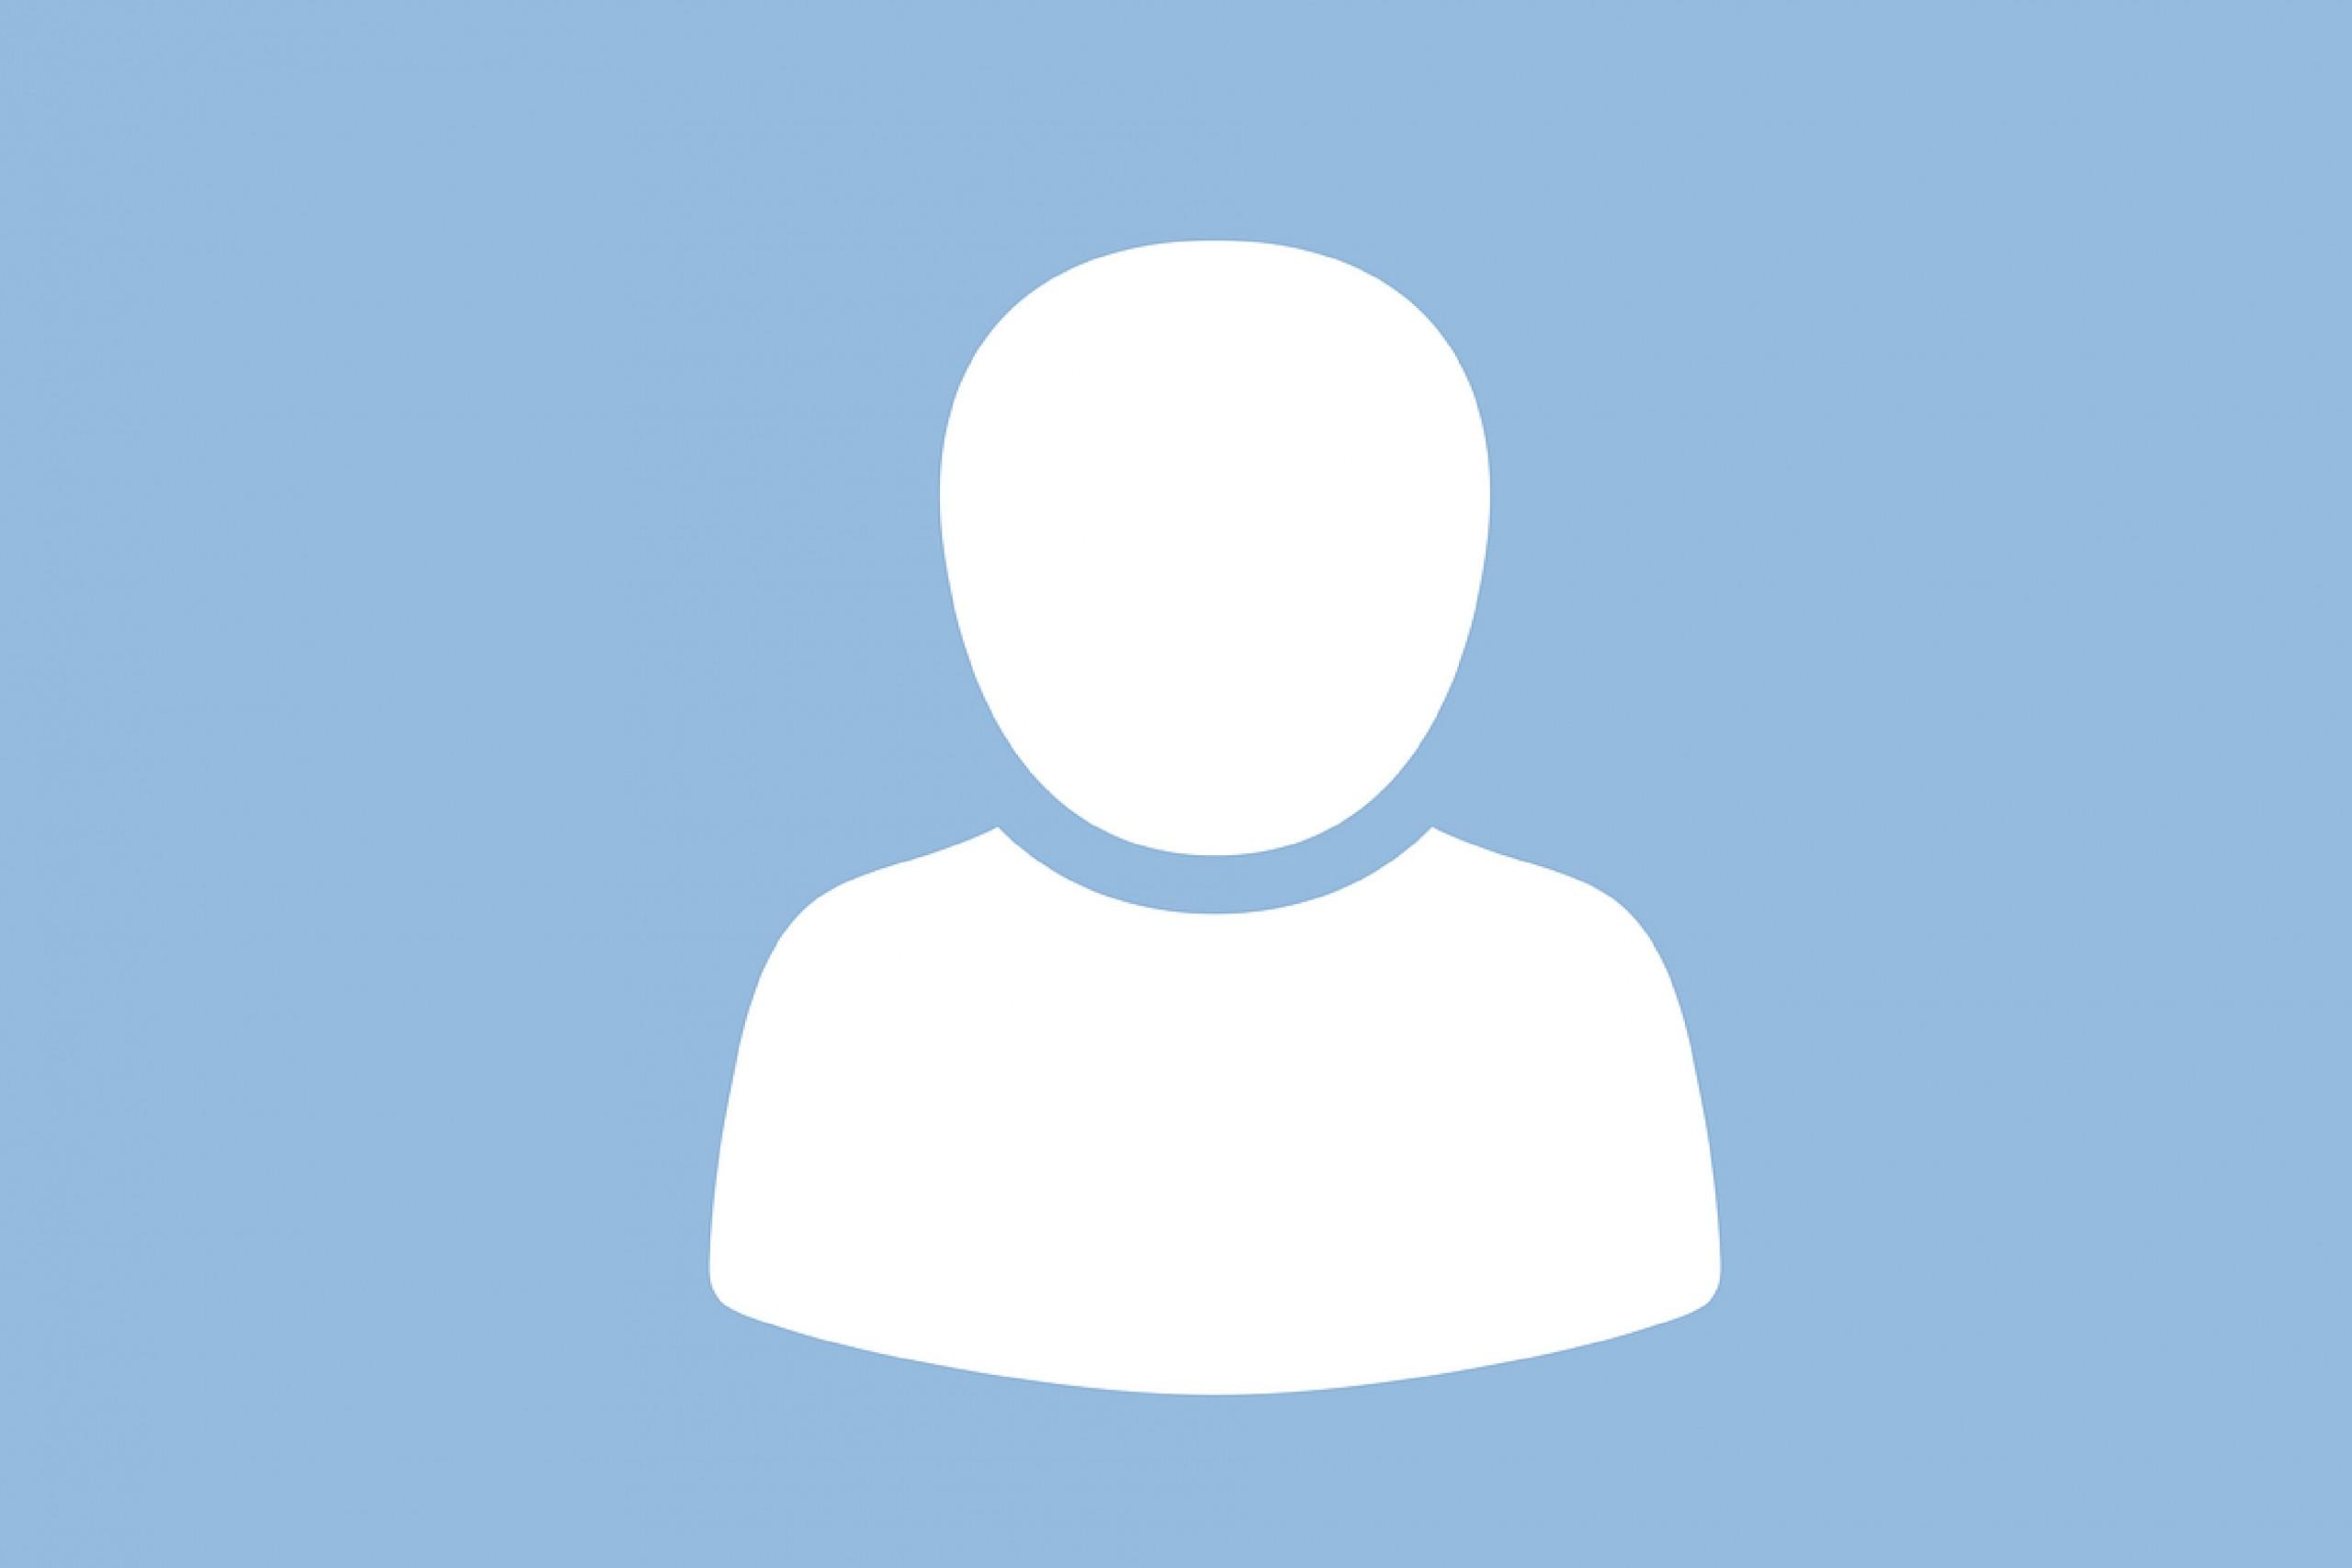 Marina Locher: Anwalt Mietrecht, Anwalt Strafrecht, Anwalt Familienrecht, Anwalt Arbeitsrecht, Anwalt Strassenverkehrsrecht, Anwalt Eheschutz, Anwalt Migrationsrecht, Anwalt Vertragsrecht